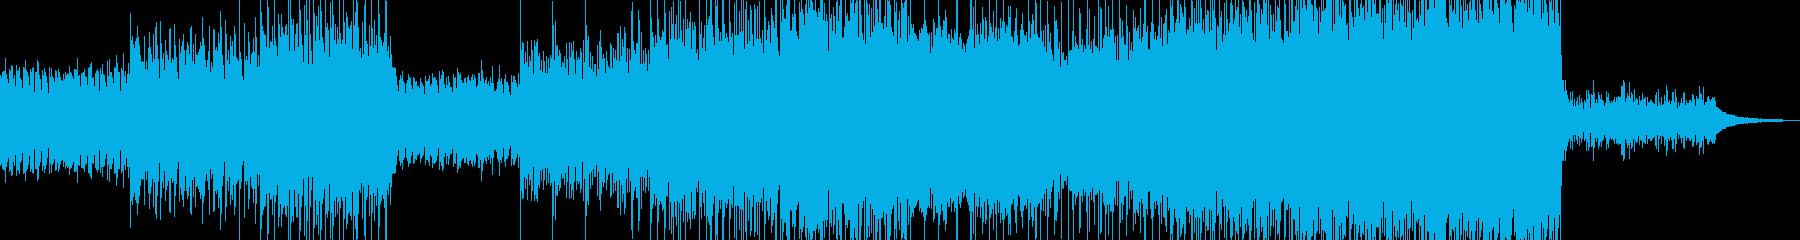 未来志す風景・ドラム控えめの後半華やかの再生済みの波形